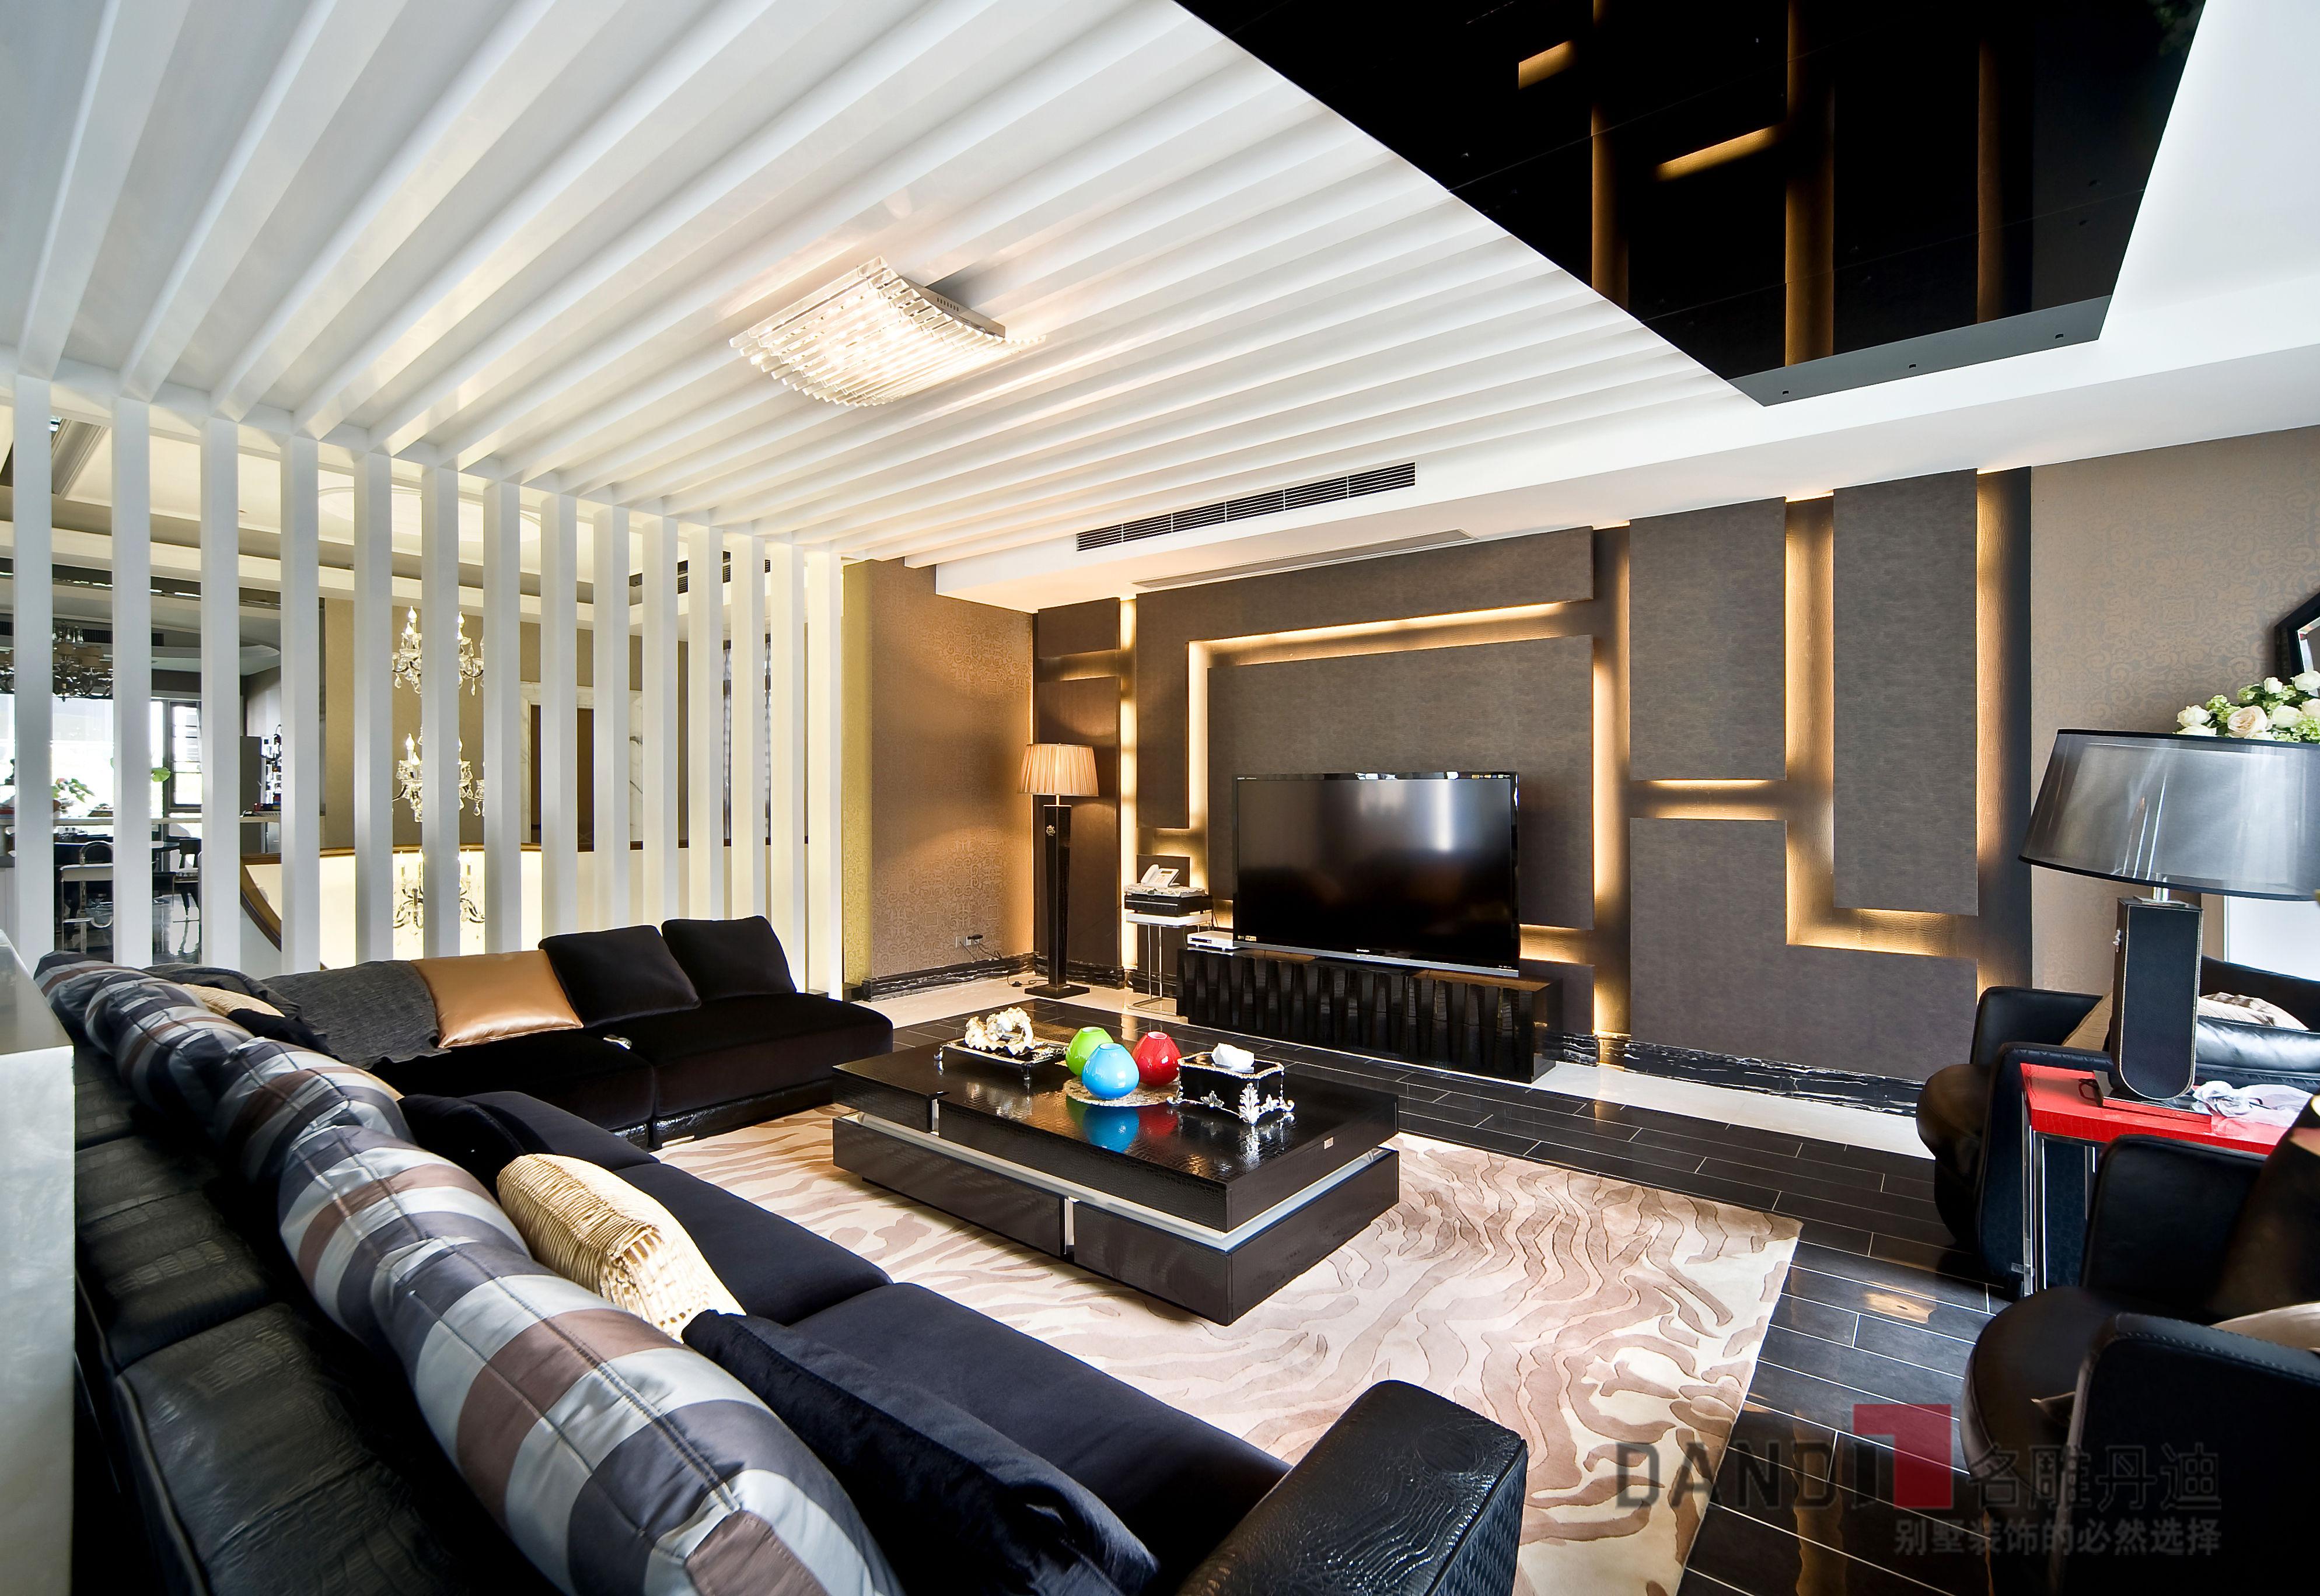 别墅 现代 现代奢华 高富帅 白富美 时尚 名雕丹迪 别墅装修 客厅图片来自名雕丹迪在1000平现代奢华高品位多功能别墅的分享